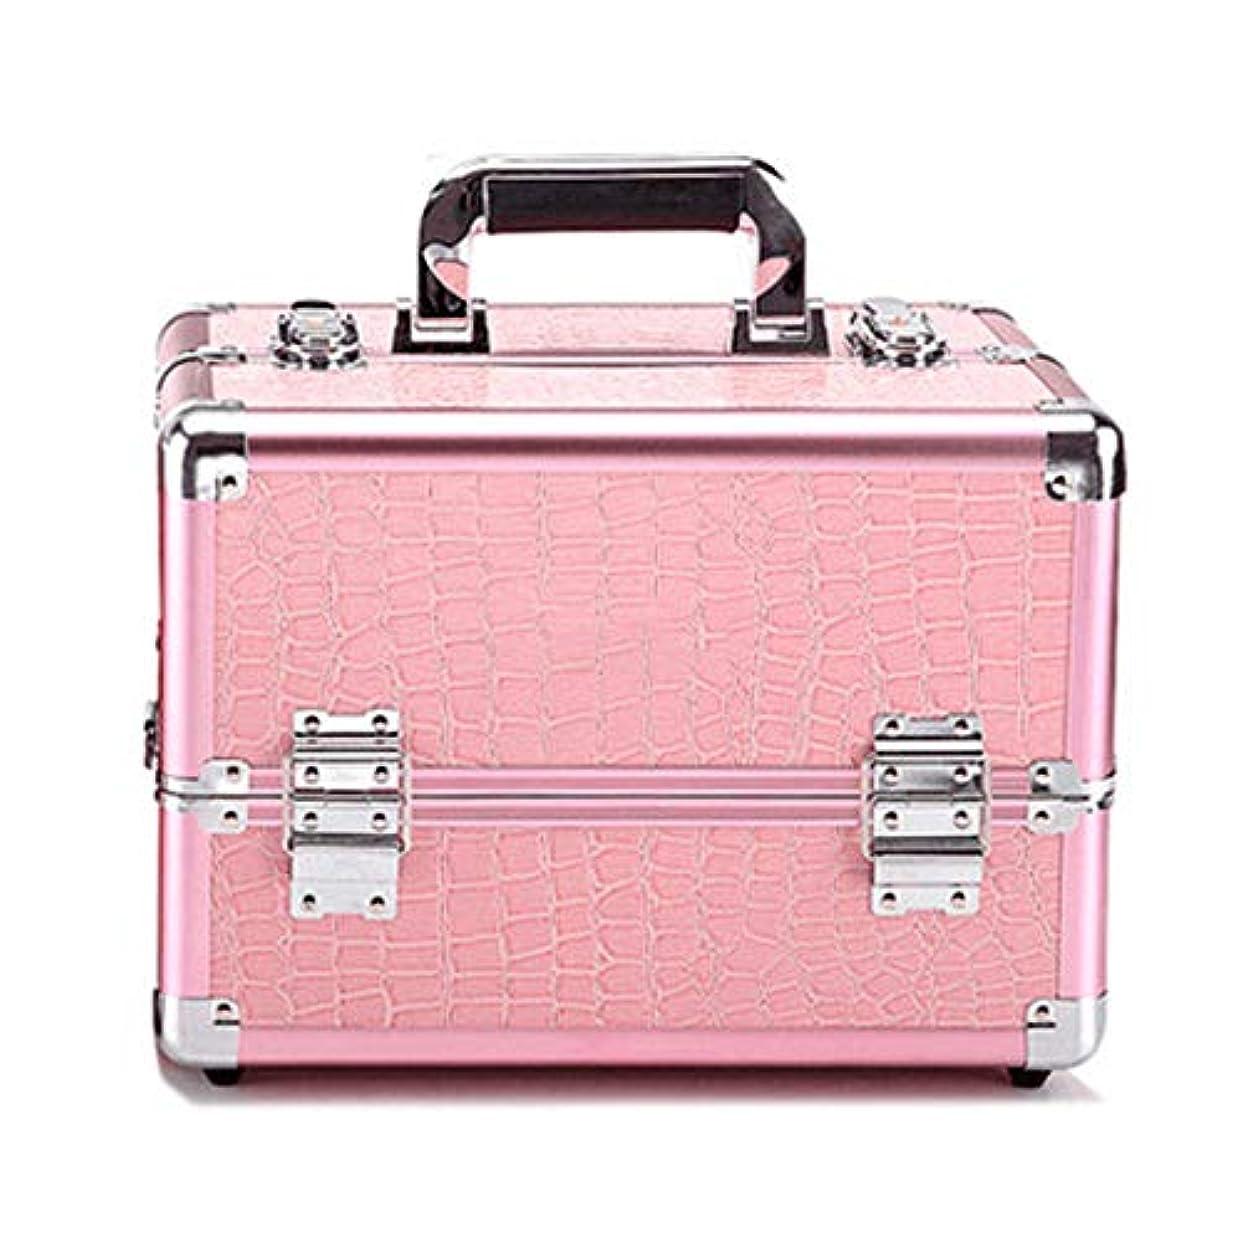 読書をするみぐったり化粧オーガナイザーバッグ プロフェッショナルアルミの美容ケースは、ネイル化粧箱ベニチオオーガナイザーのワニパターンをメイクアップ 化粧品ケース (色 : Pink(M))